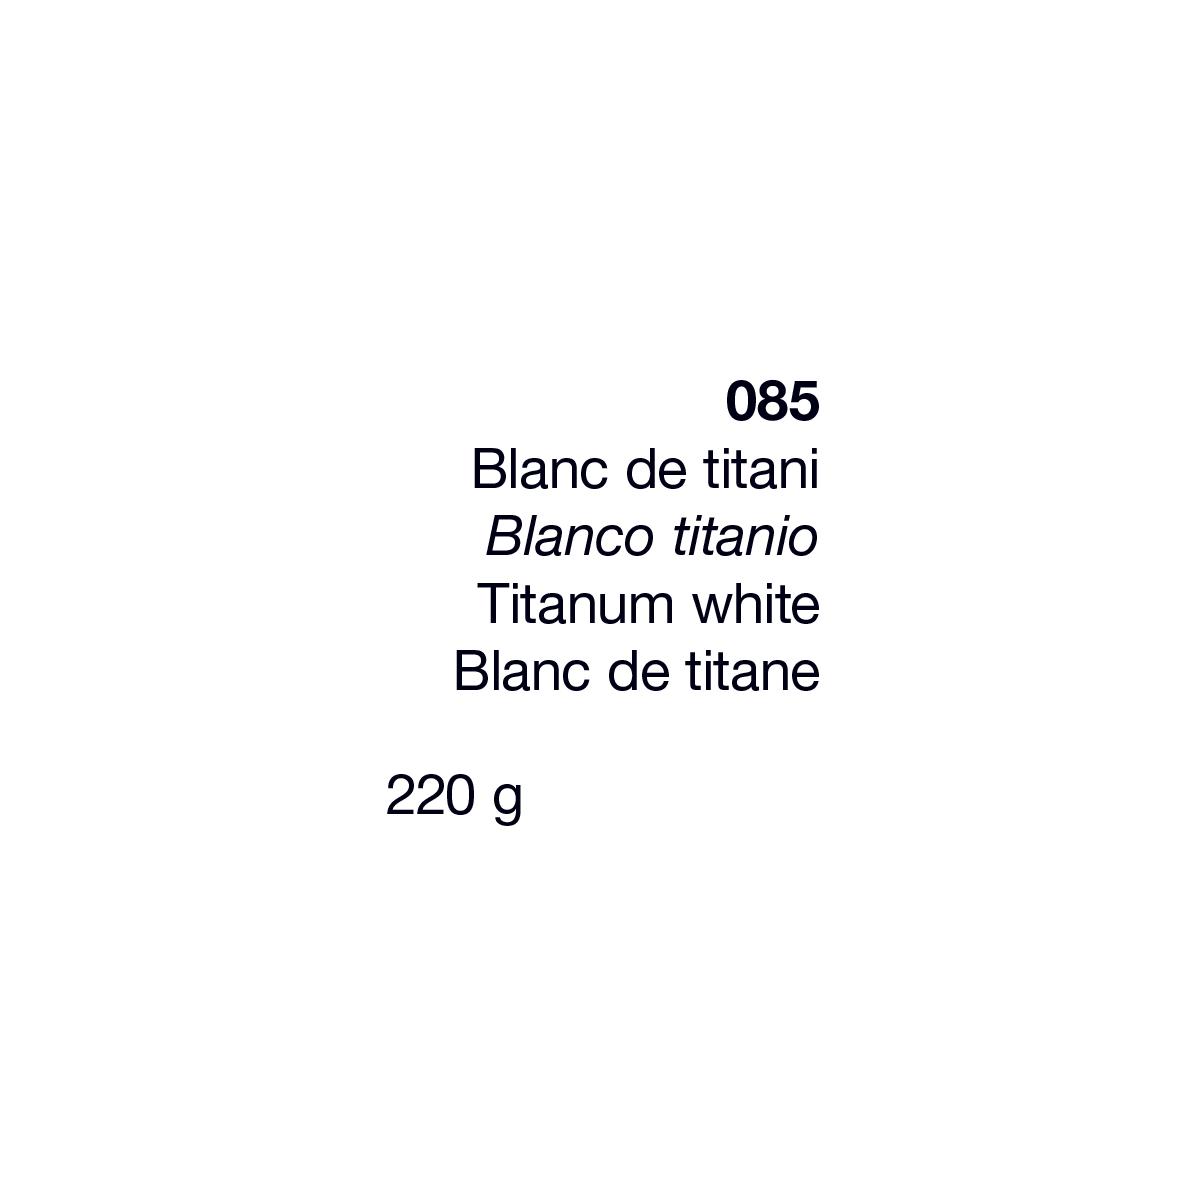 PIGMENTO BLANCO DE TITANIO...